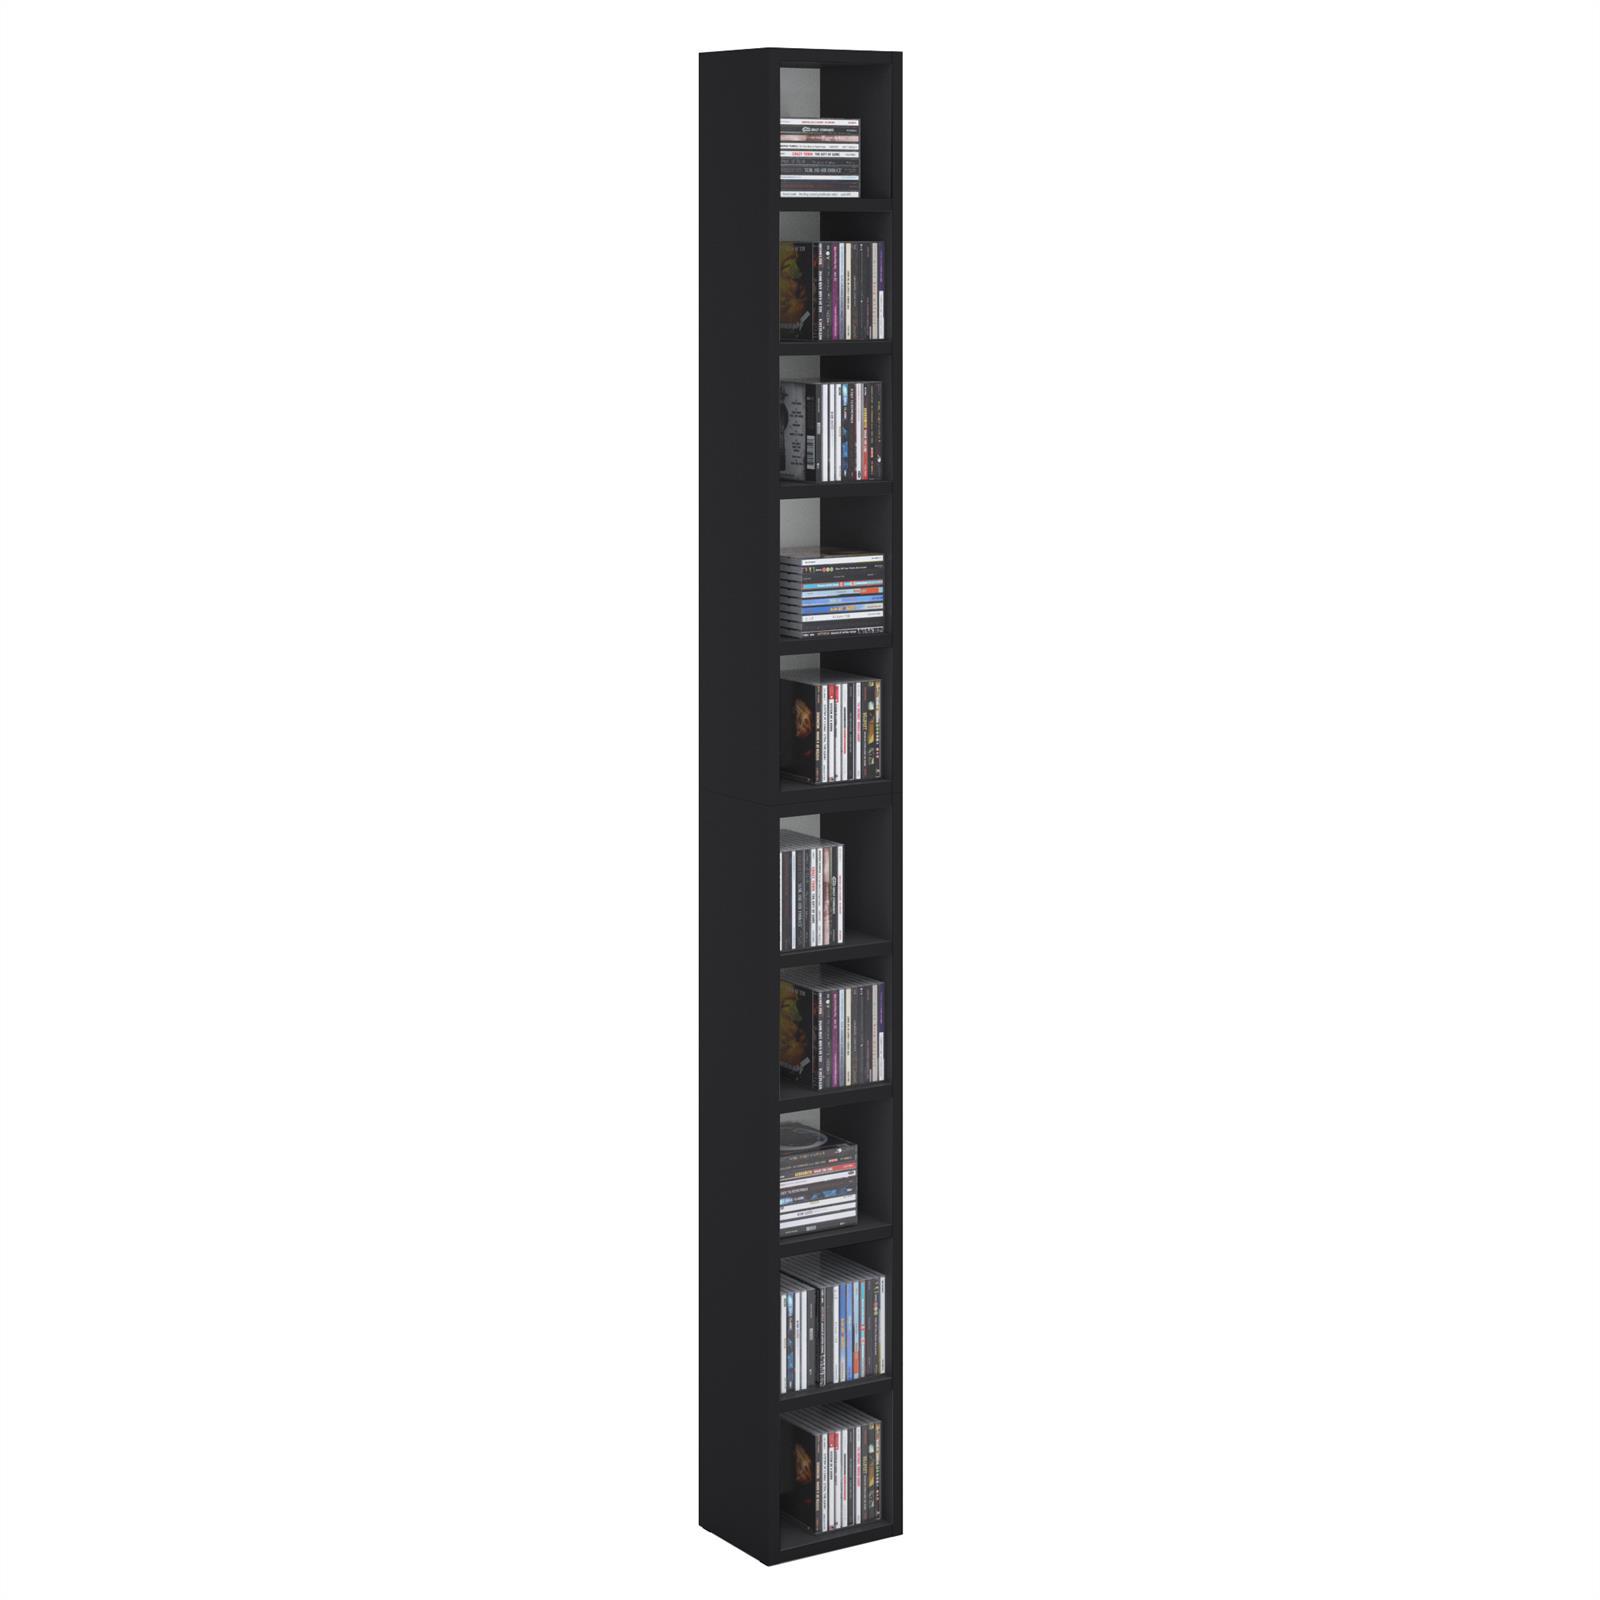 dvd aufbewahrung archive tv mobel und hifi mobel guide cd dvd blueray regal bis zu 160 cds turm stander medien